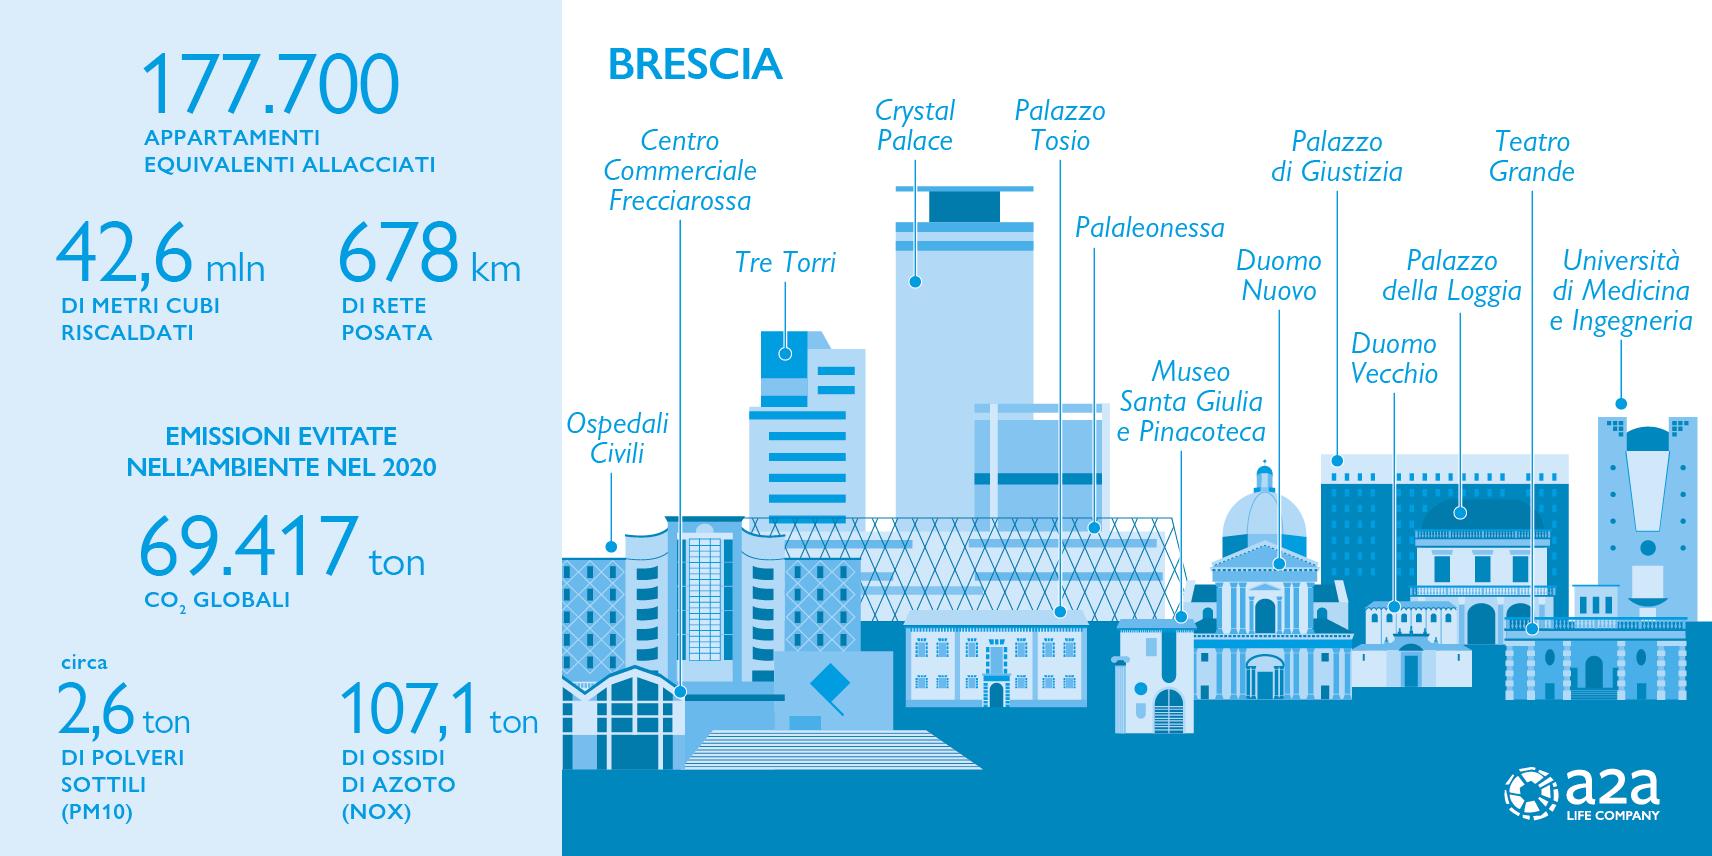 Brescia in numeri